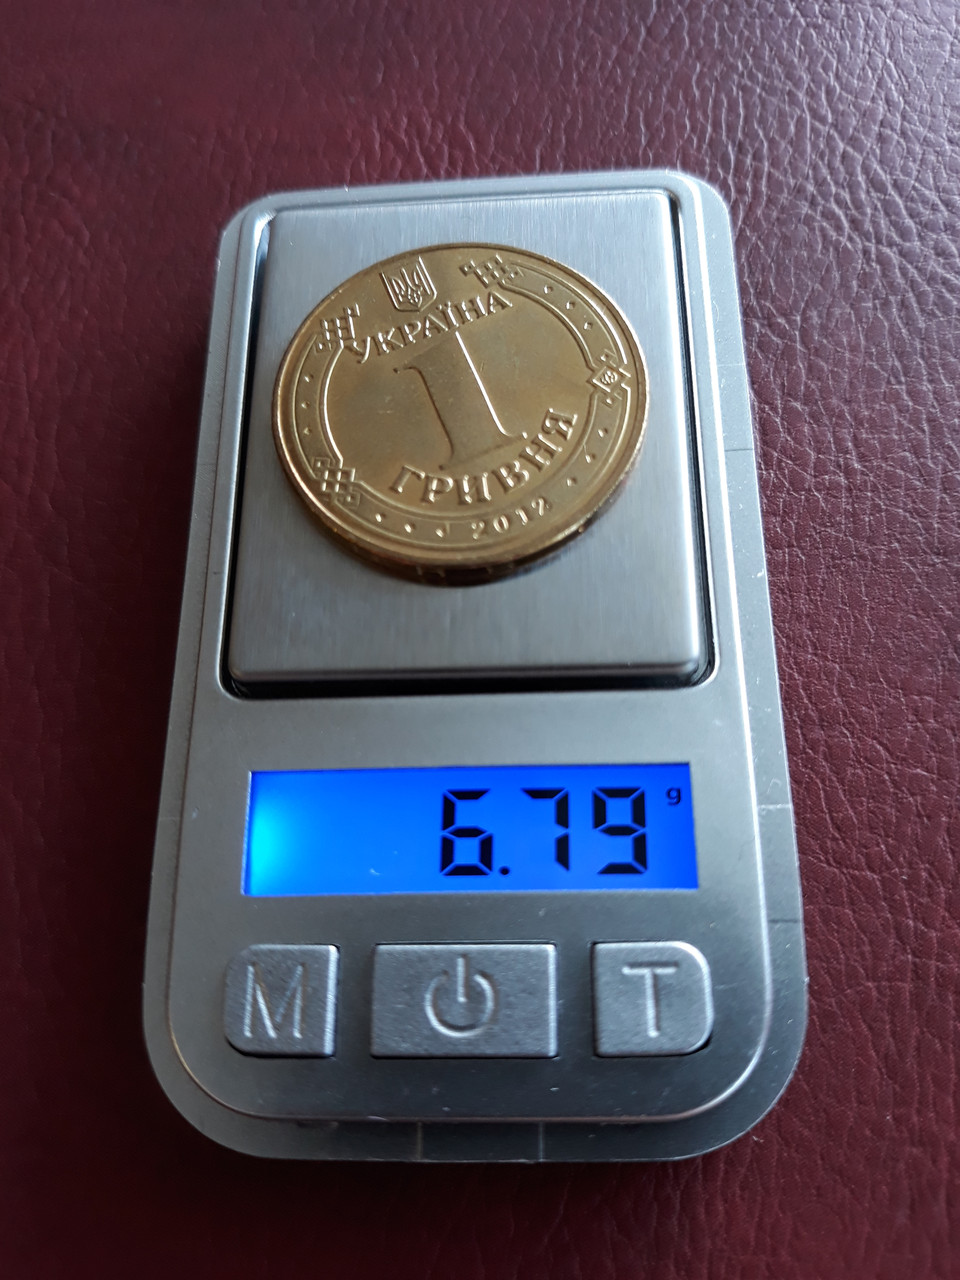 Весы электронные ювелирные 200g\0.01 Спартак Min398i (батарейка в комплекте)  мини весы карманные